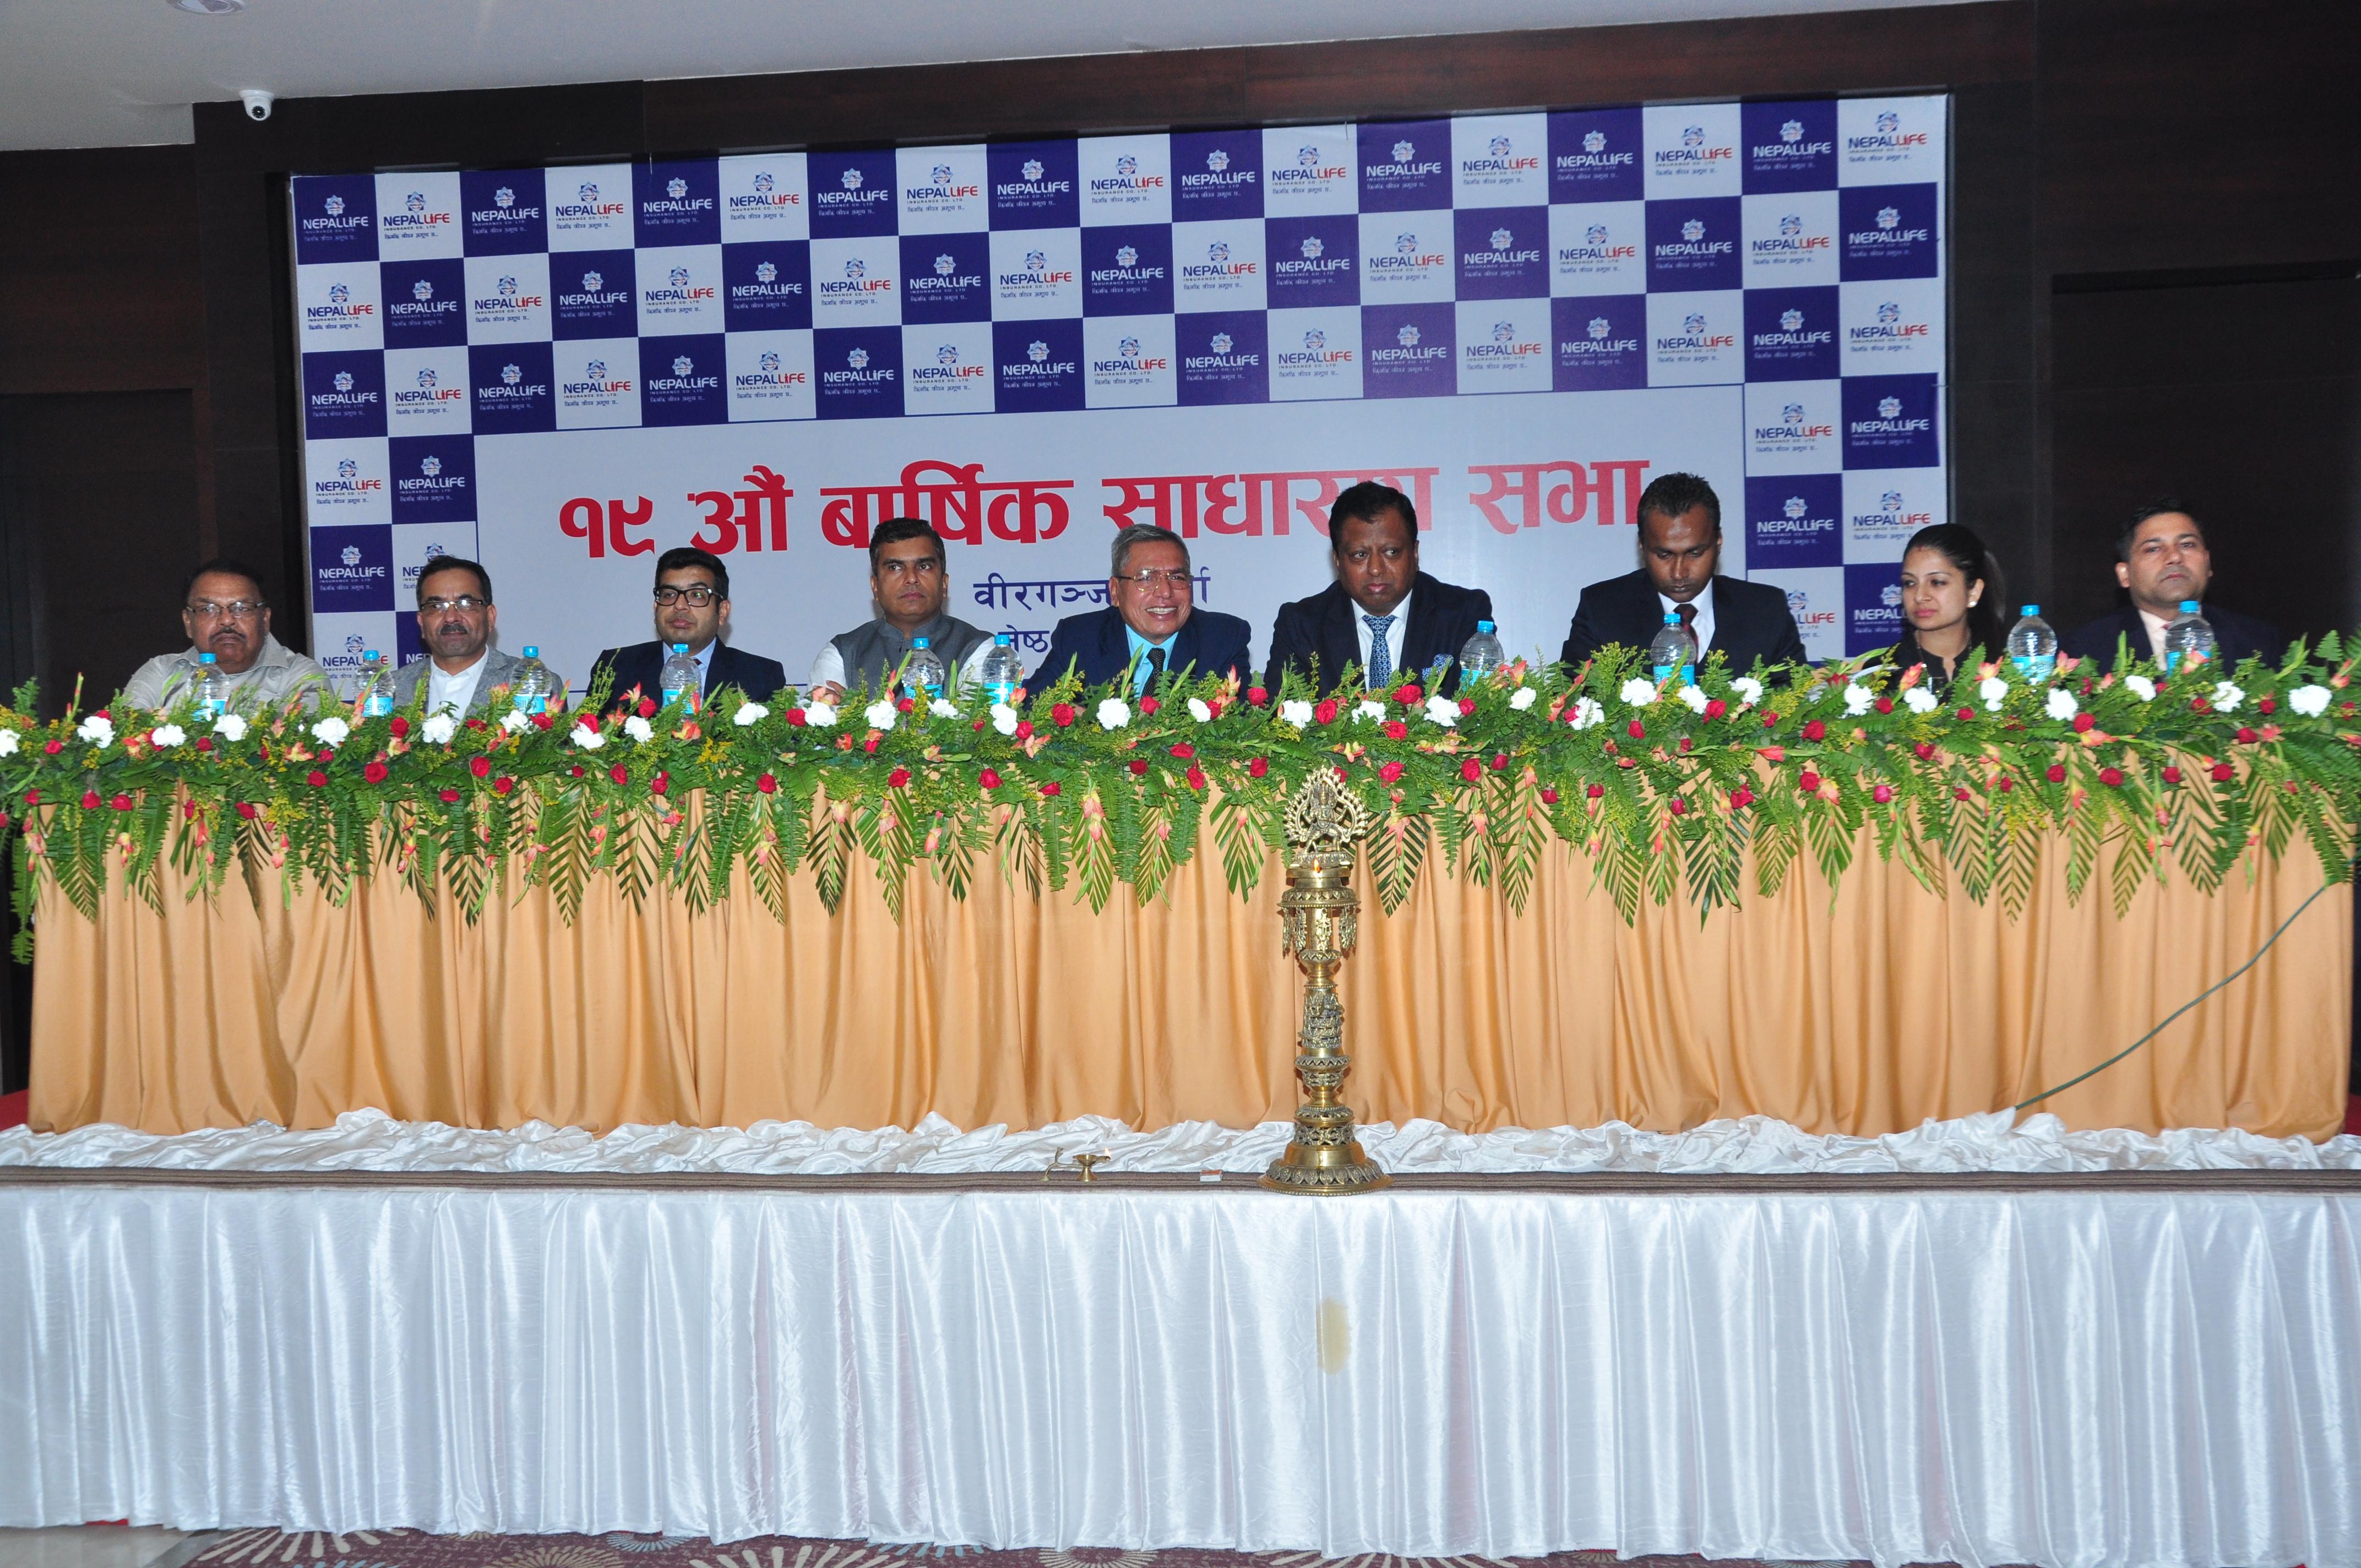 नेपाल लाइफ इन्स्योरेन्स कम्पनीको १९औं बार्षिक साधारणसभा सम्पन्न